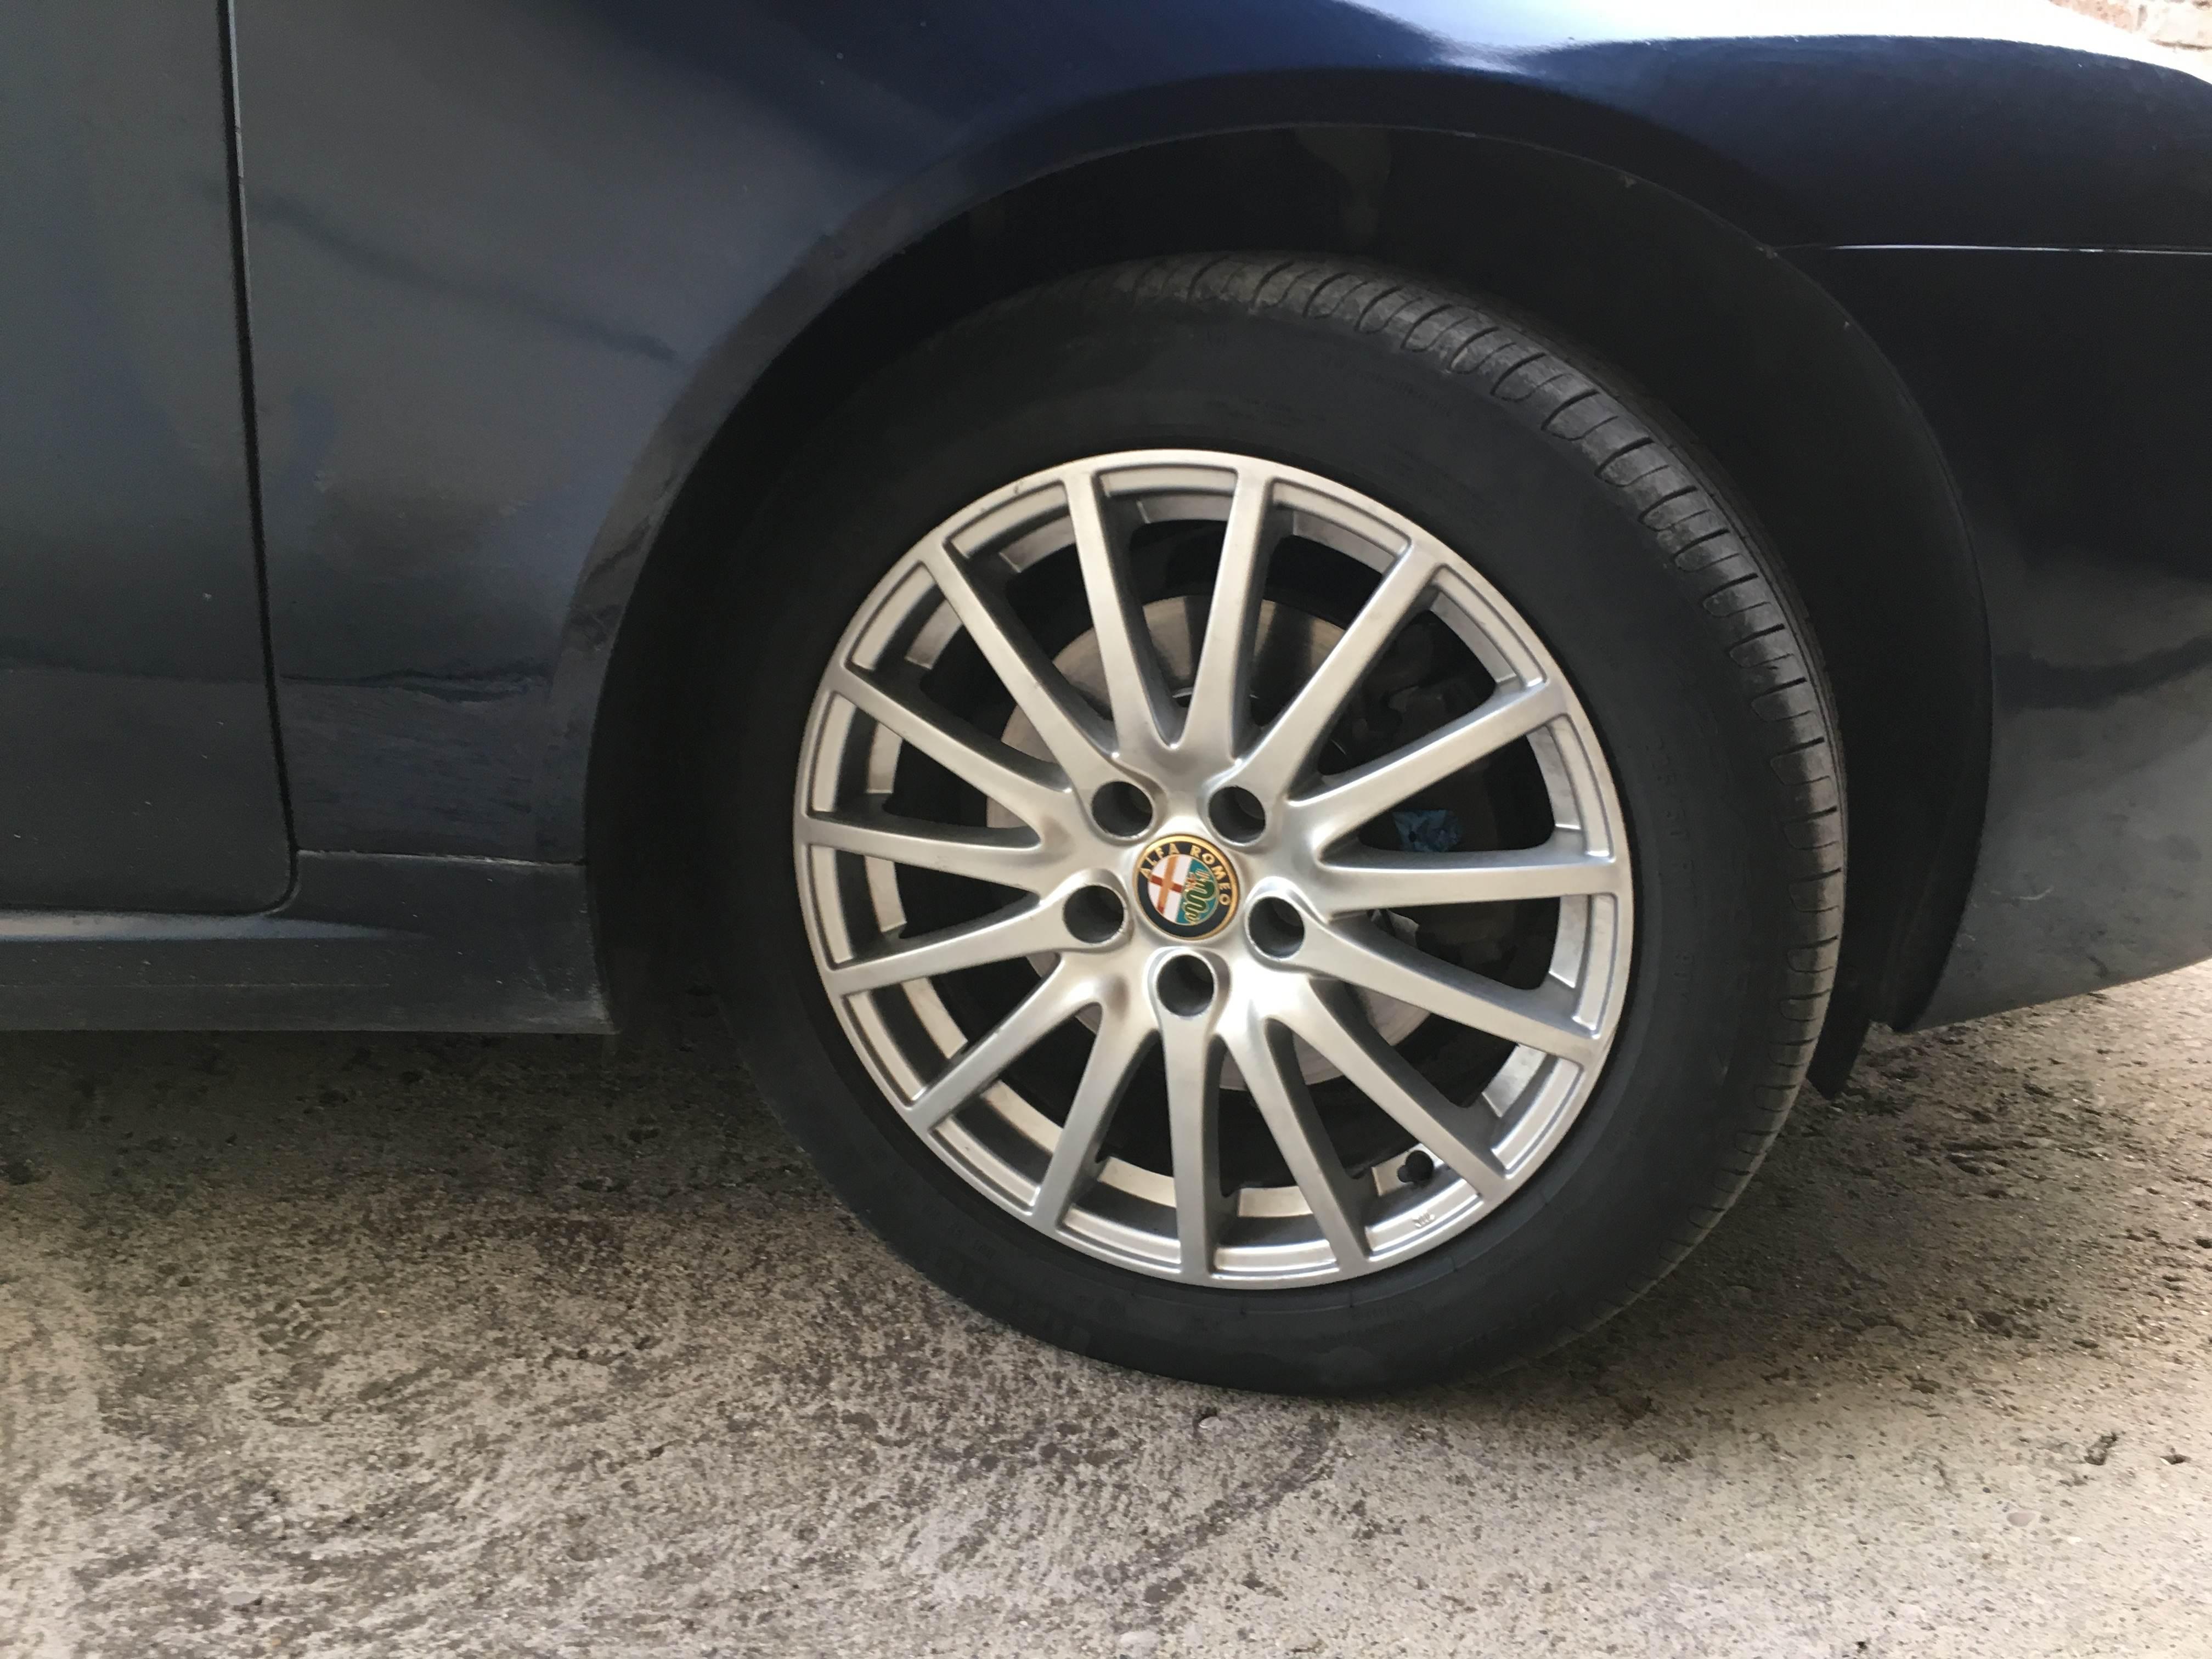 foto Alfa Romeo 159 - 1.9 JTDm 150cv - Blu metallizzato - 2007 - VT - 3